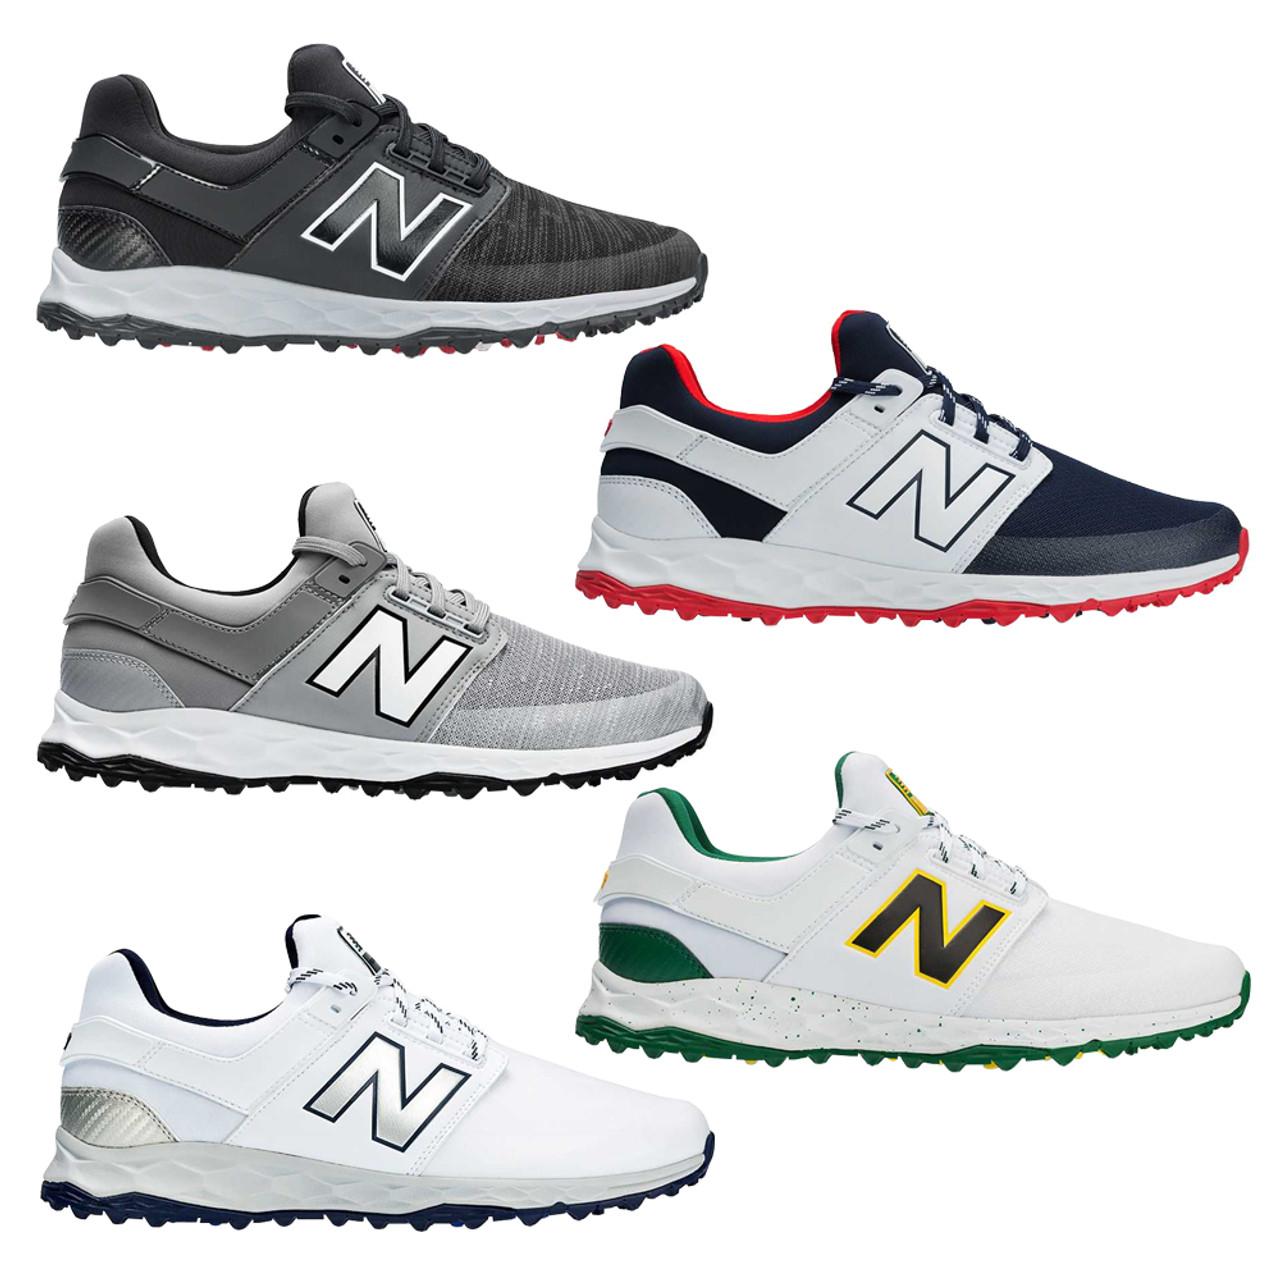 New Balance Shoes New Balance Fresh Foam LinksSL Spikeless Golf Shoes 2020 - Golfio